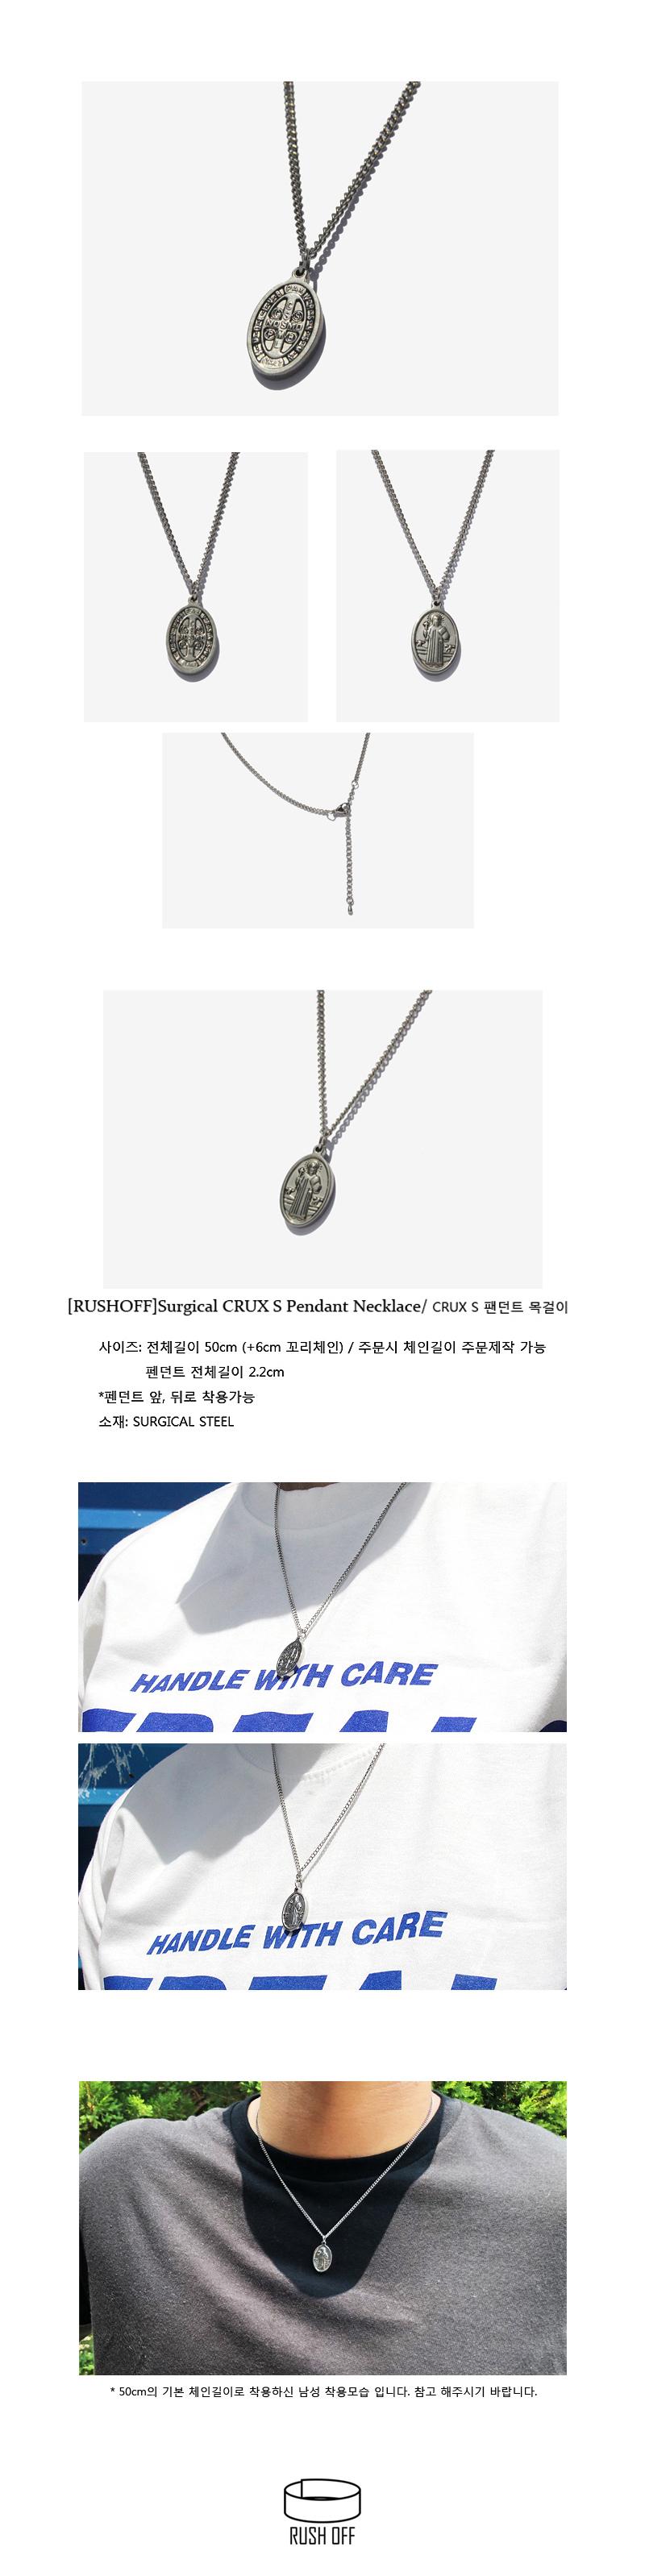 써지컬스틸 CRUX S 팬던트 목걸이 - 러쉬오프, 16,900원, 실버, 펜던트목걸이